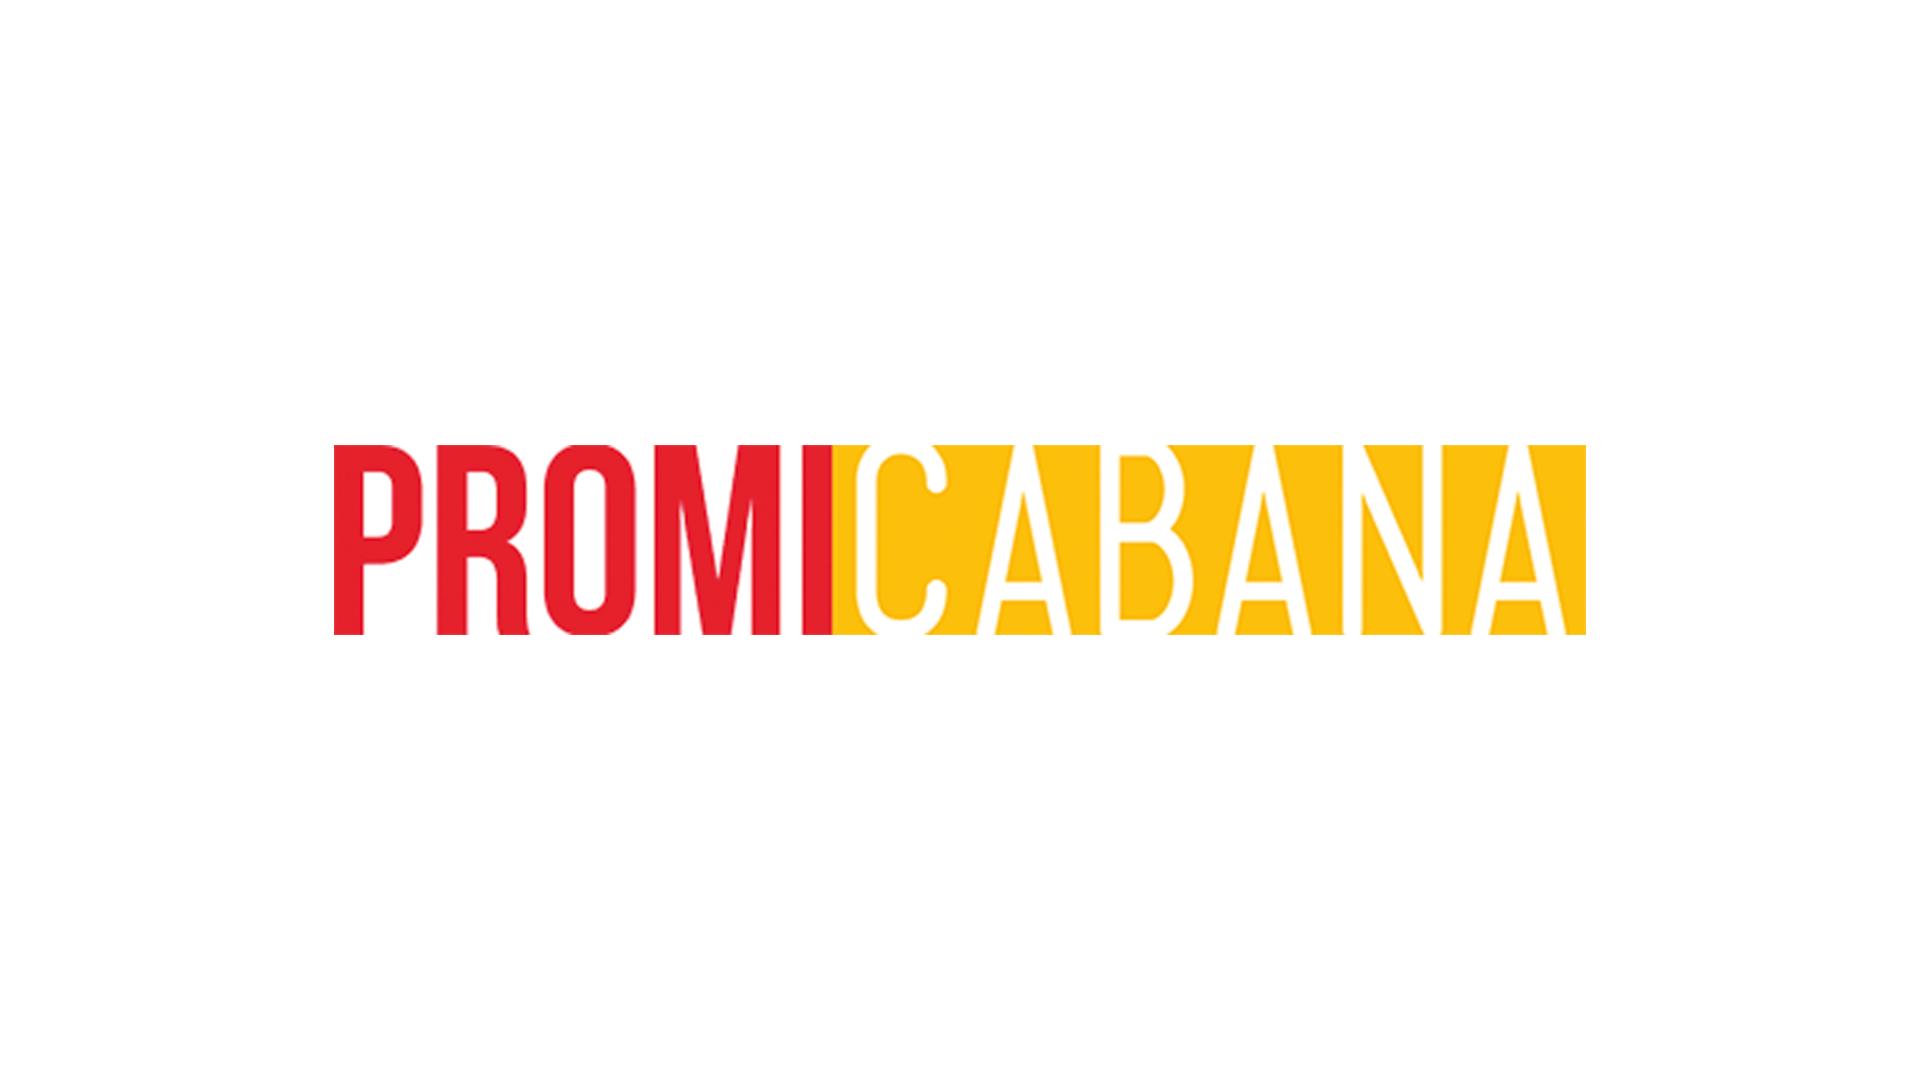 Carrie-Trailer-Chloe-Moretz